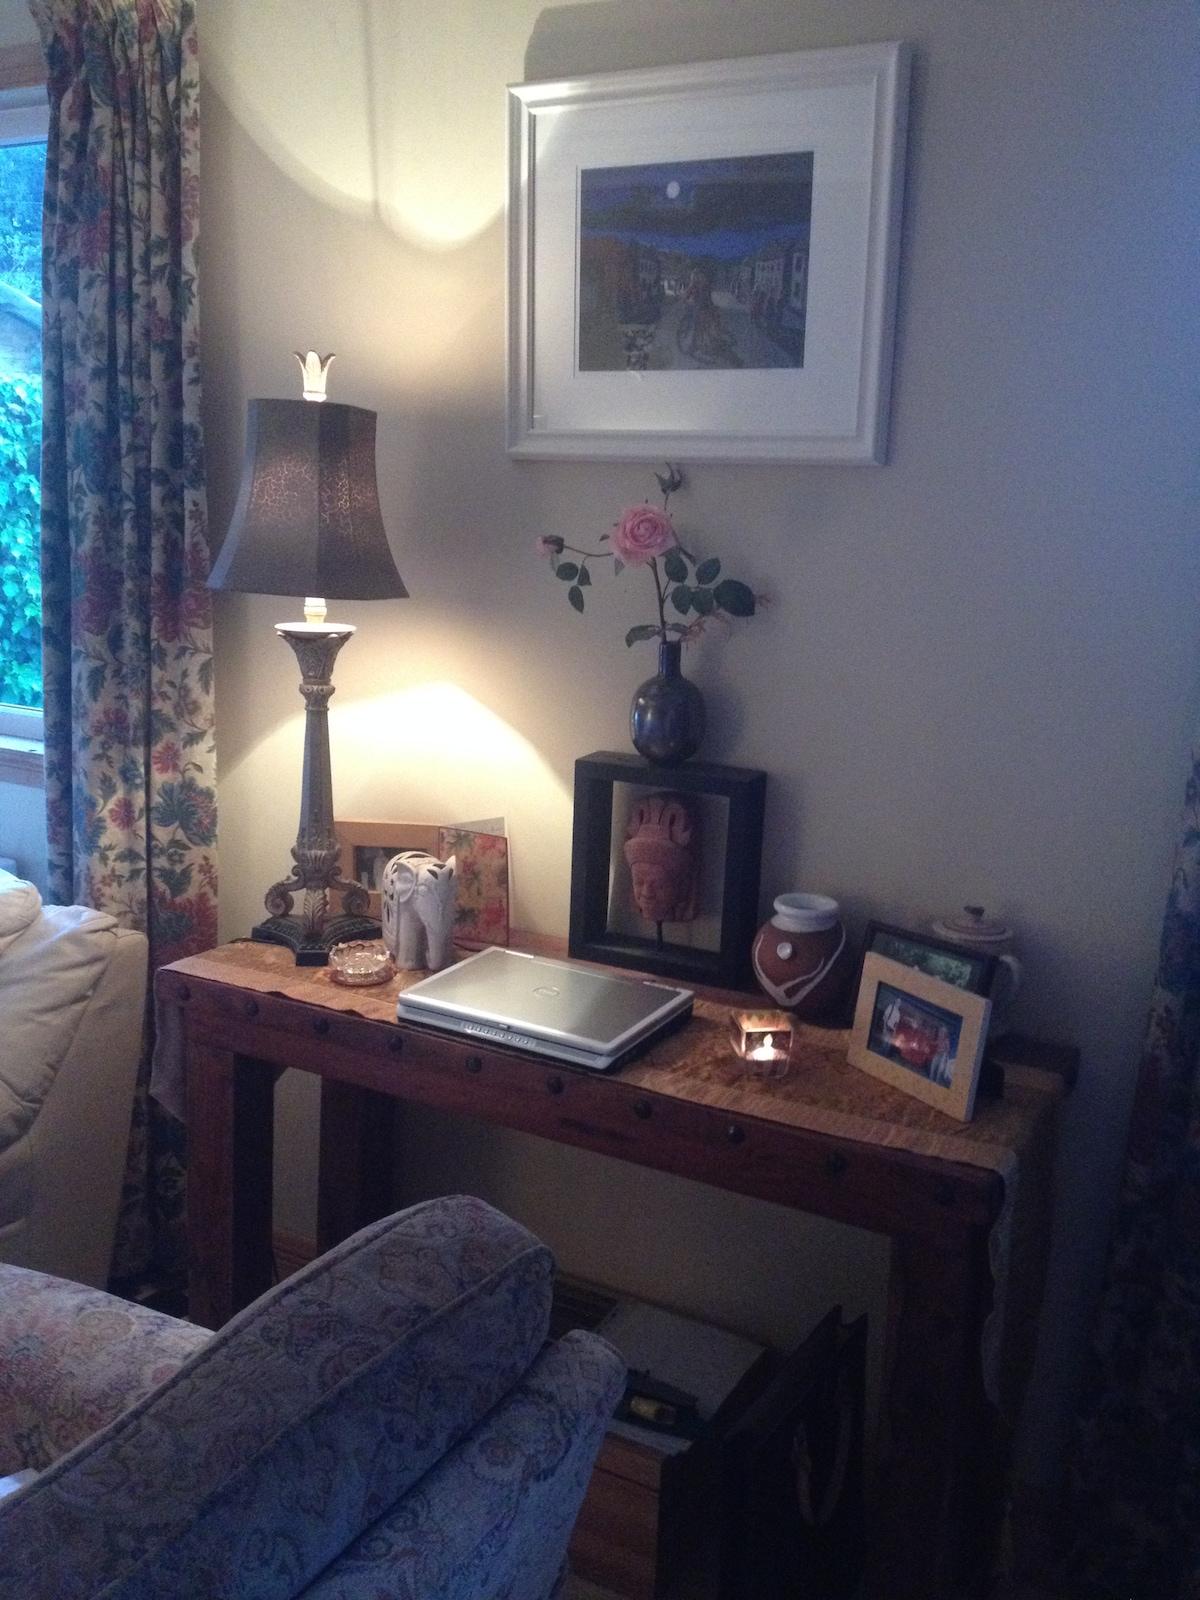 Irish Town House - Single R/WiFi